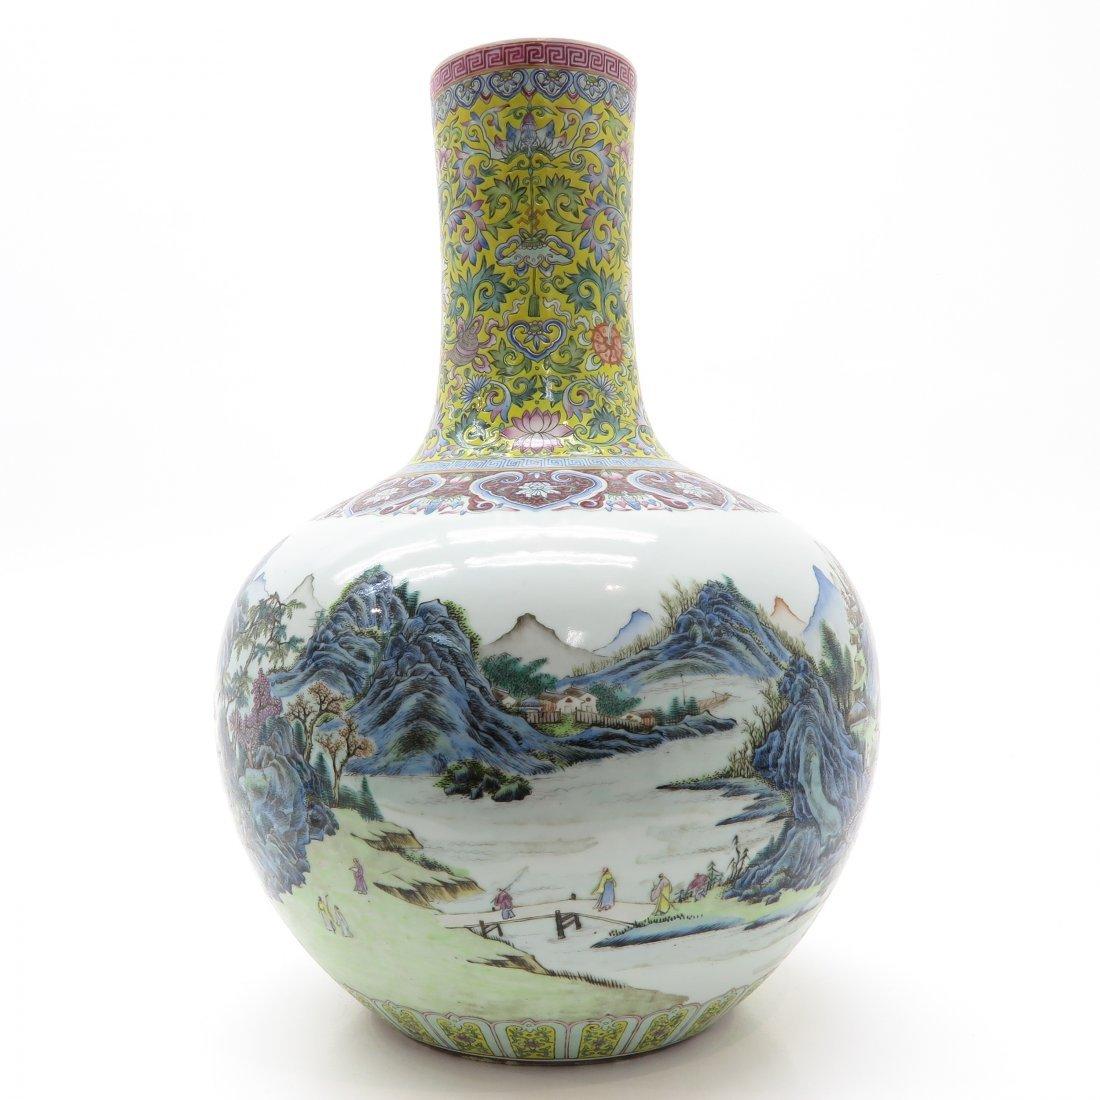 Beautiful Polychrome Decor China Porcelain Vase